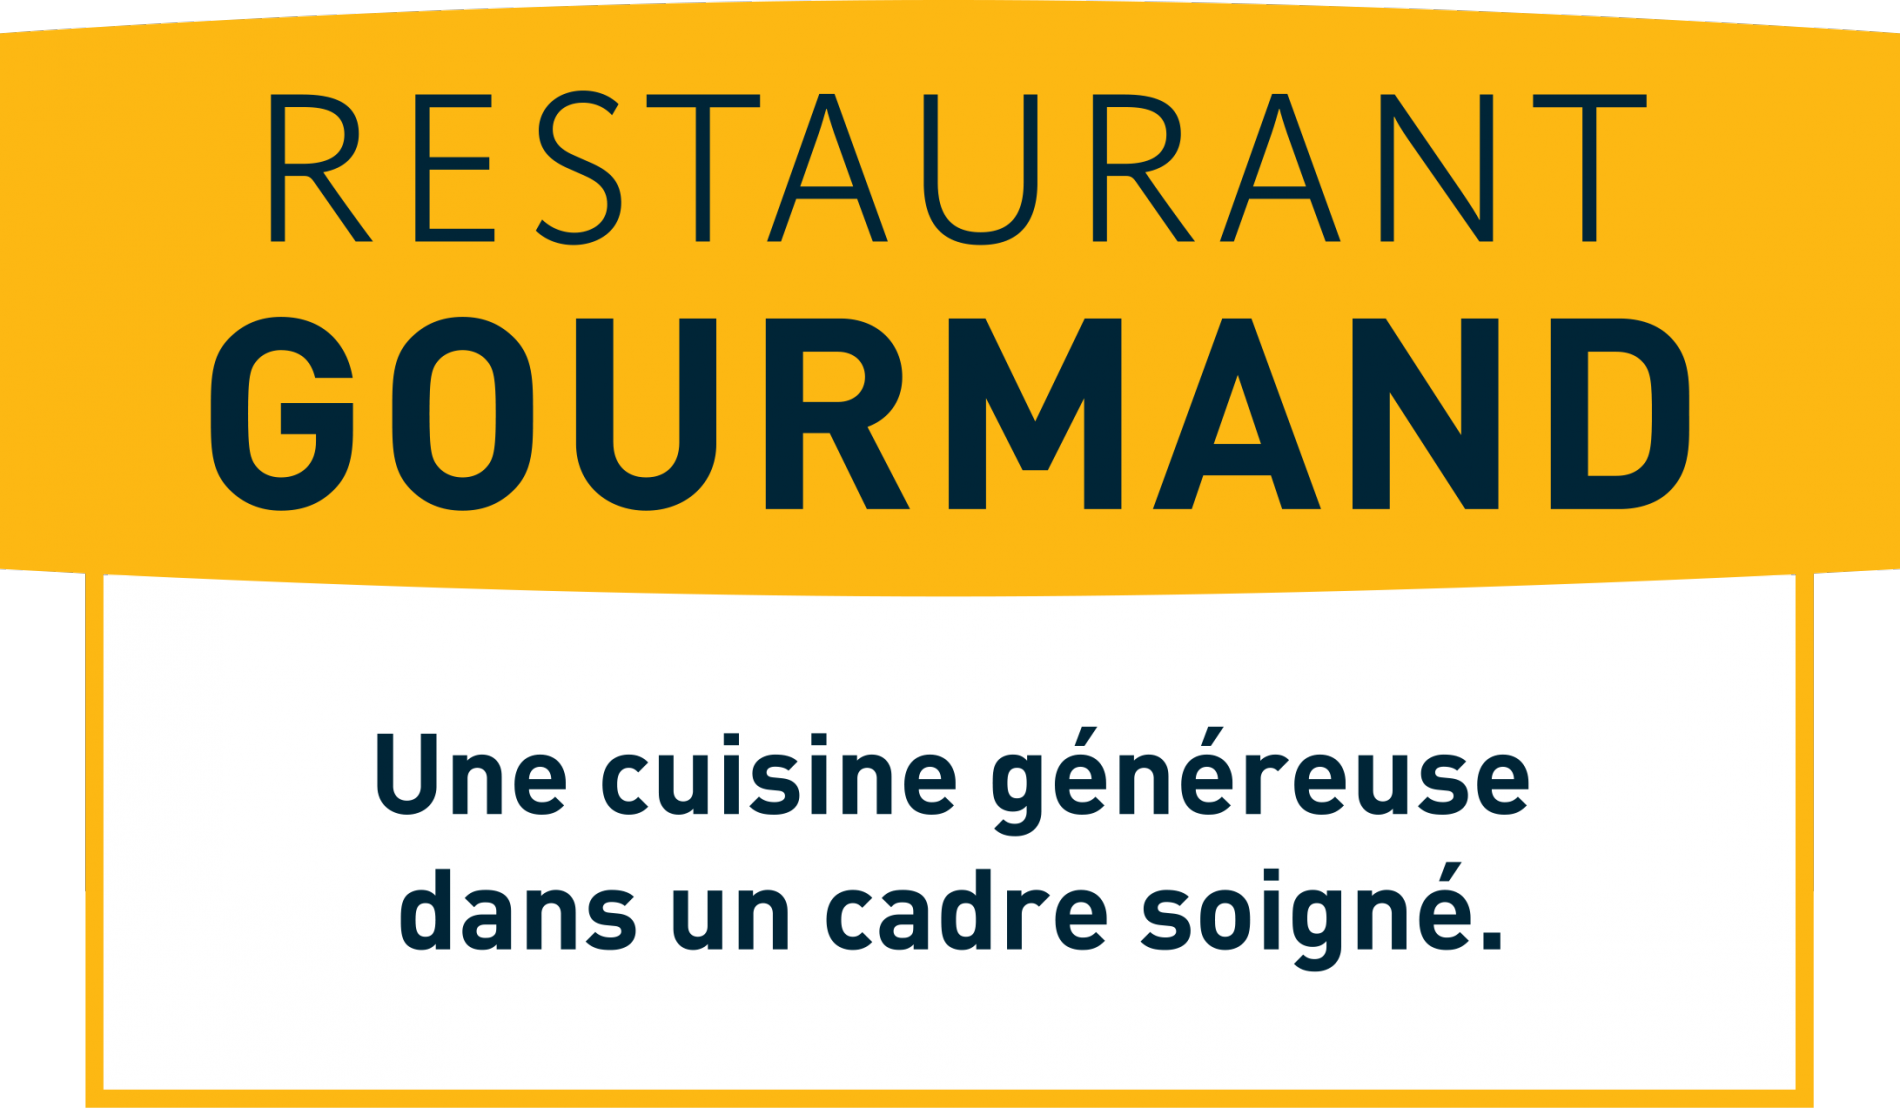 Logis hôtel Le Commerce à Navarrenx, Logo Logis Restaurant Gourmand